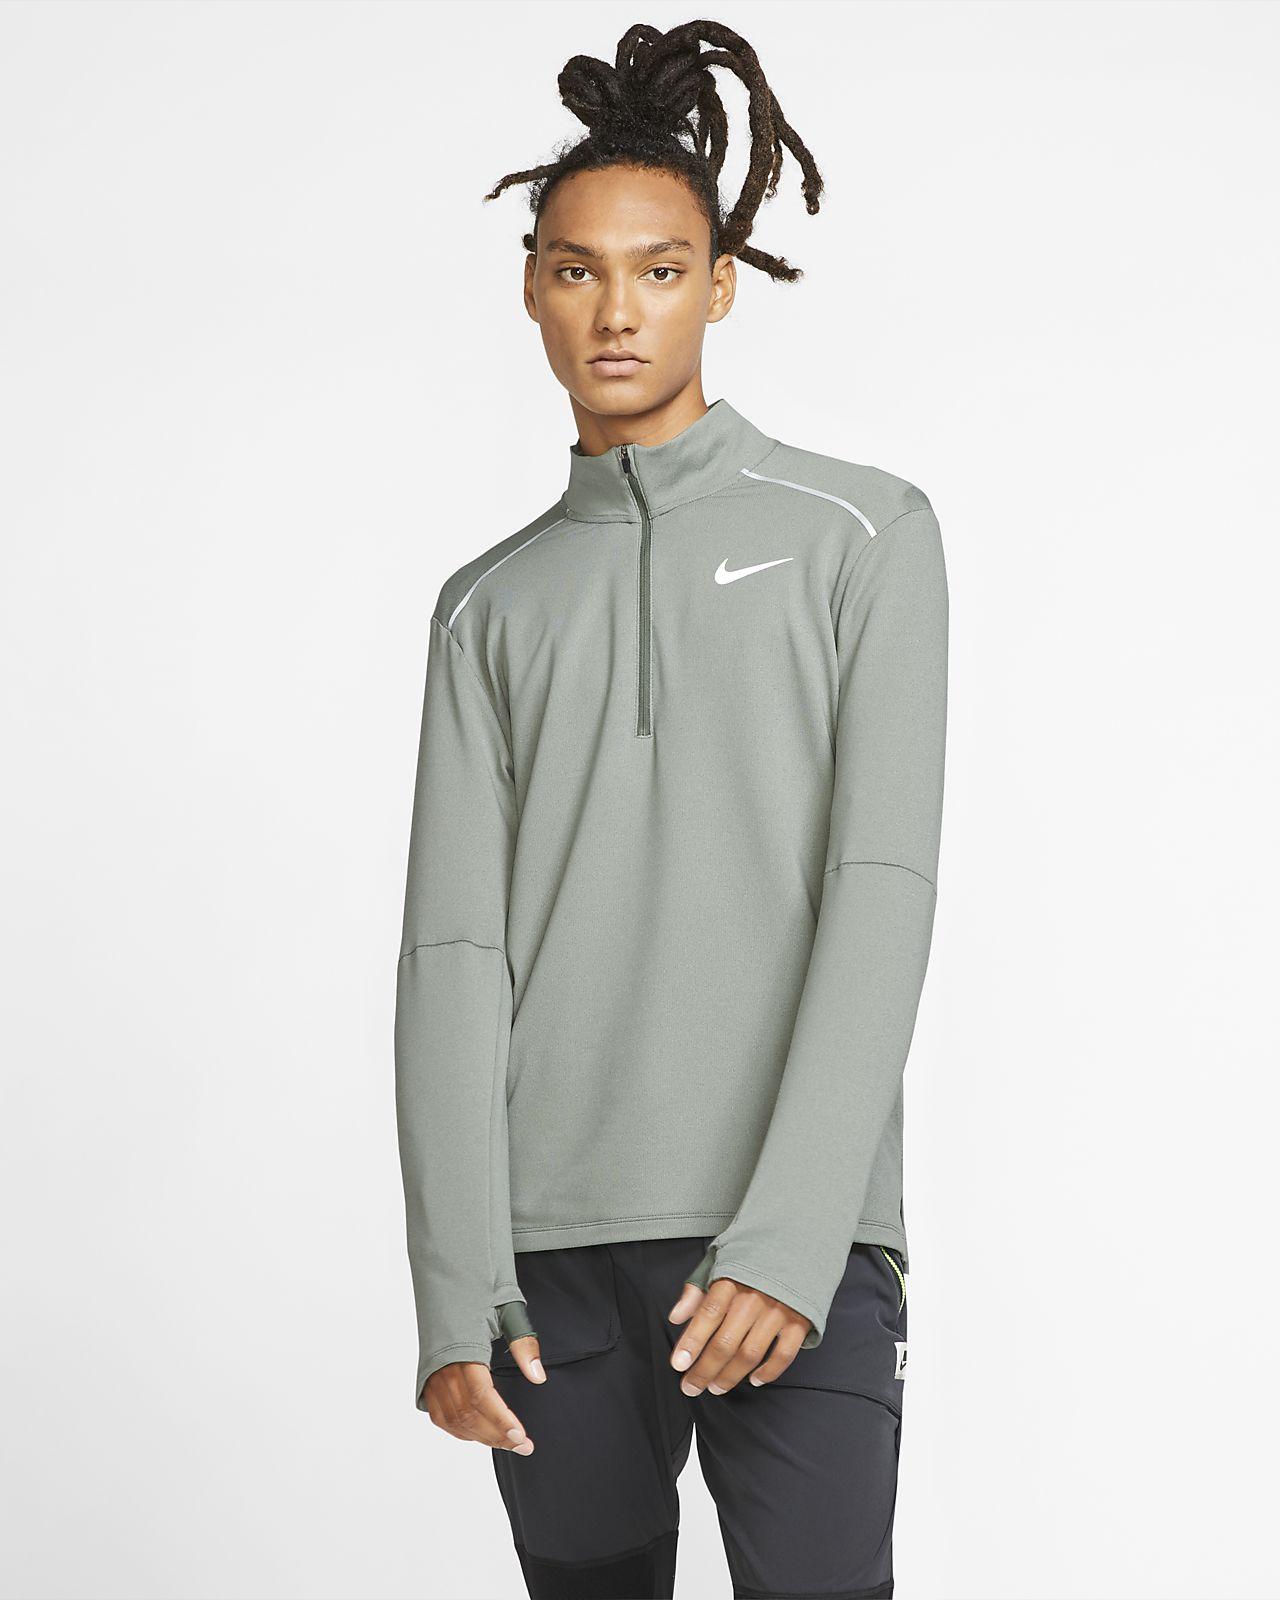 Pánské běžecké tričko Nike Element 3.0 s kulatým výstřihem a polovičním zipem